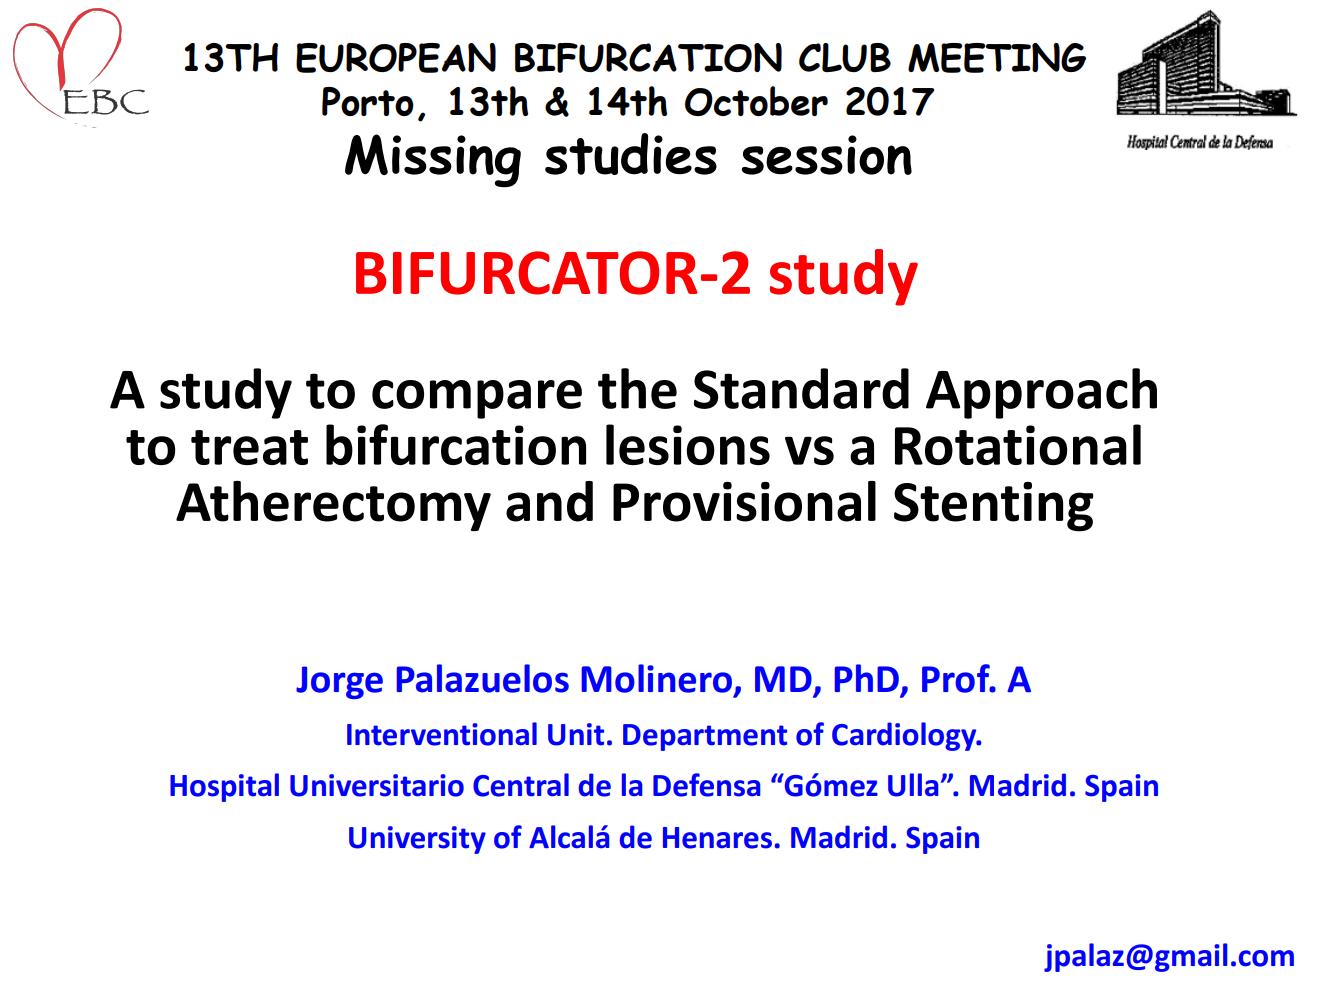 BIFURCATOR-2 study